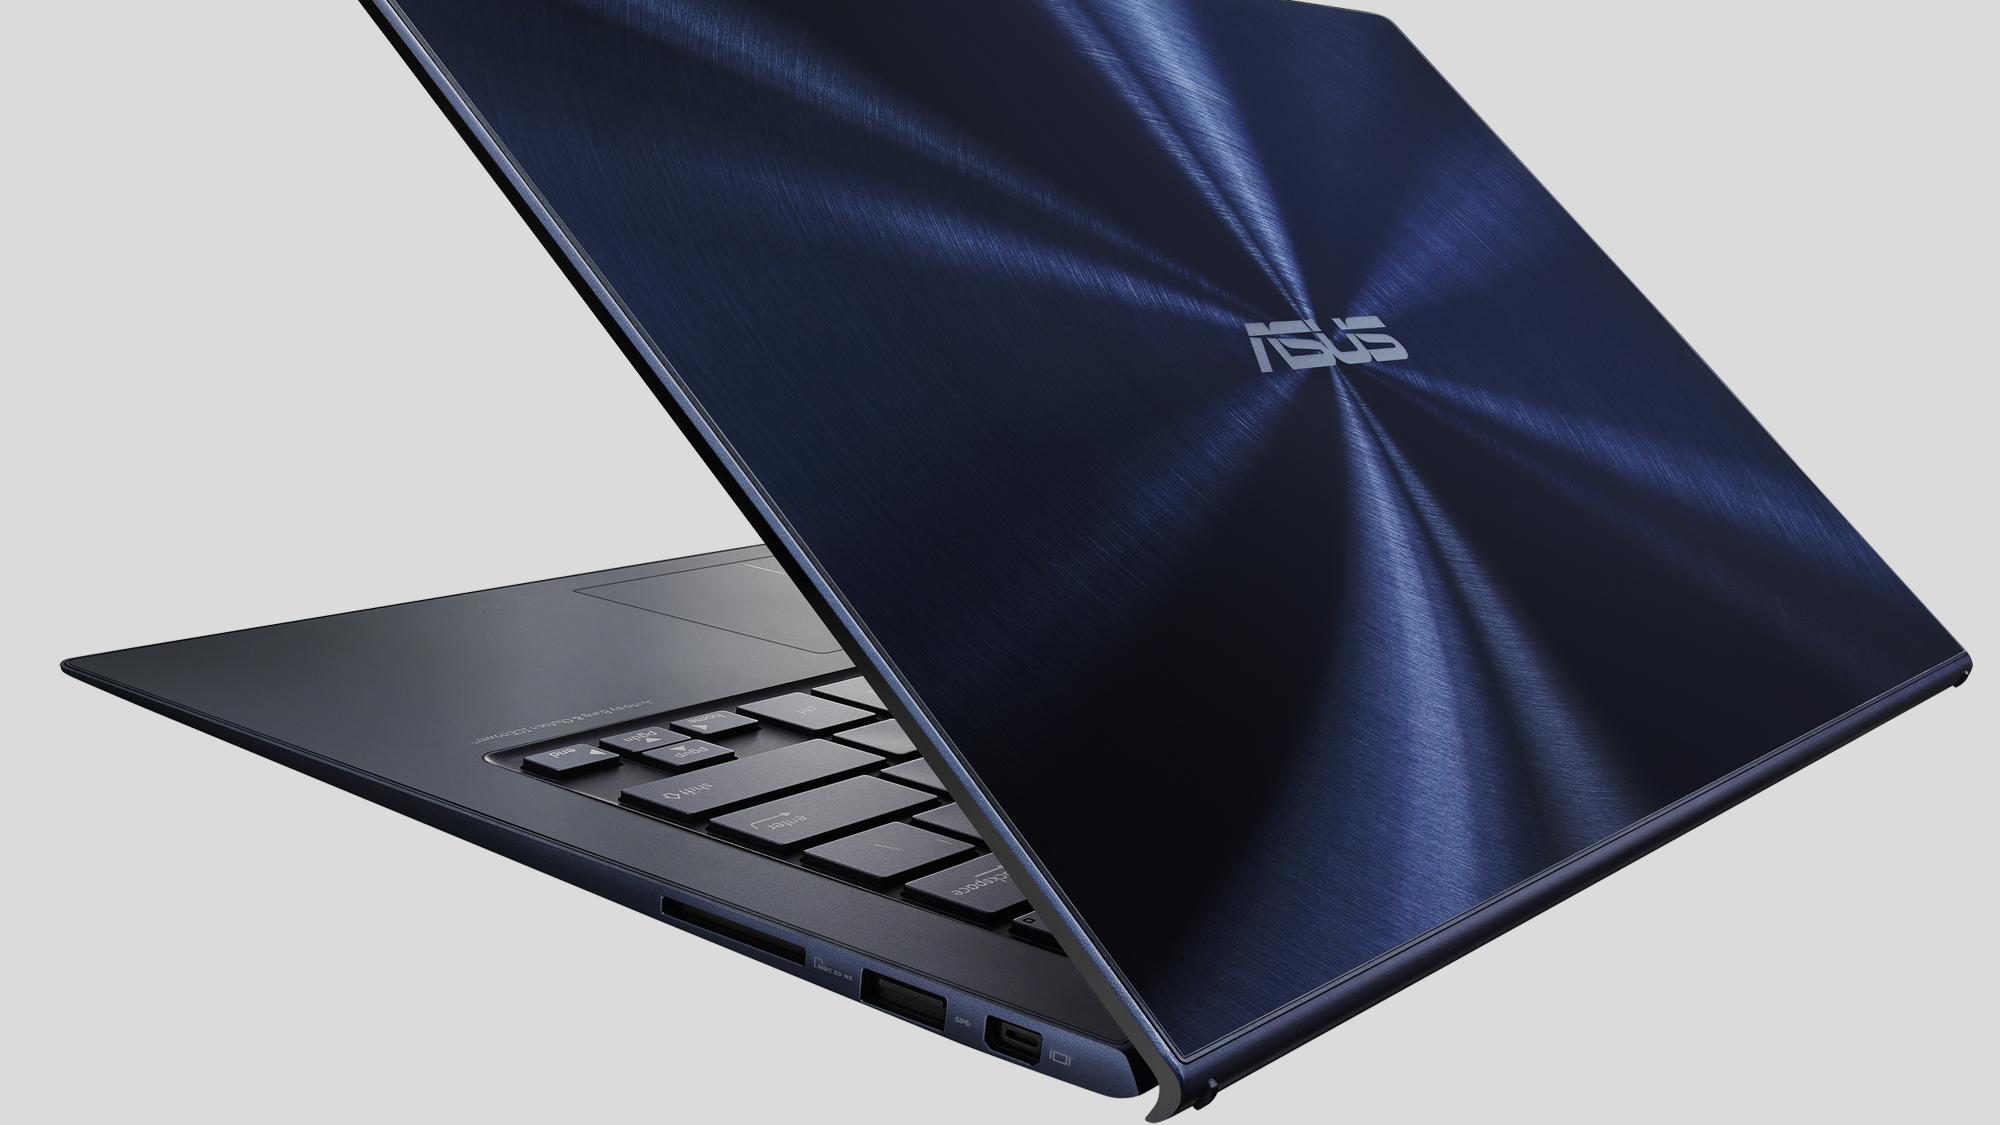 Sjekk Asus' lekre nye bærbare med superskjerm